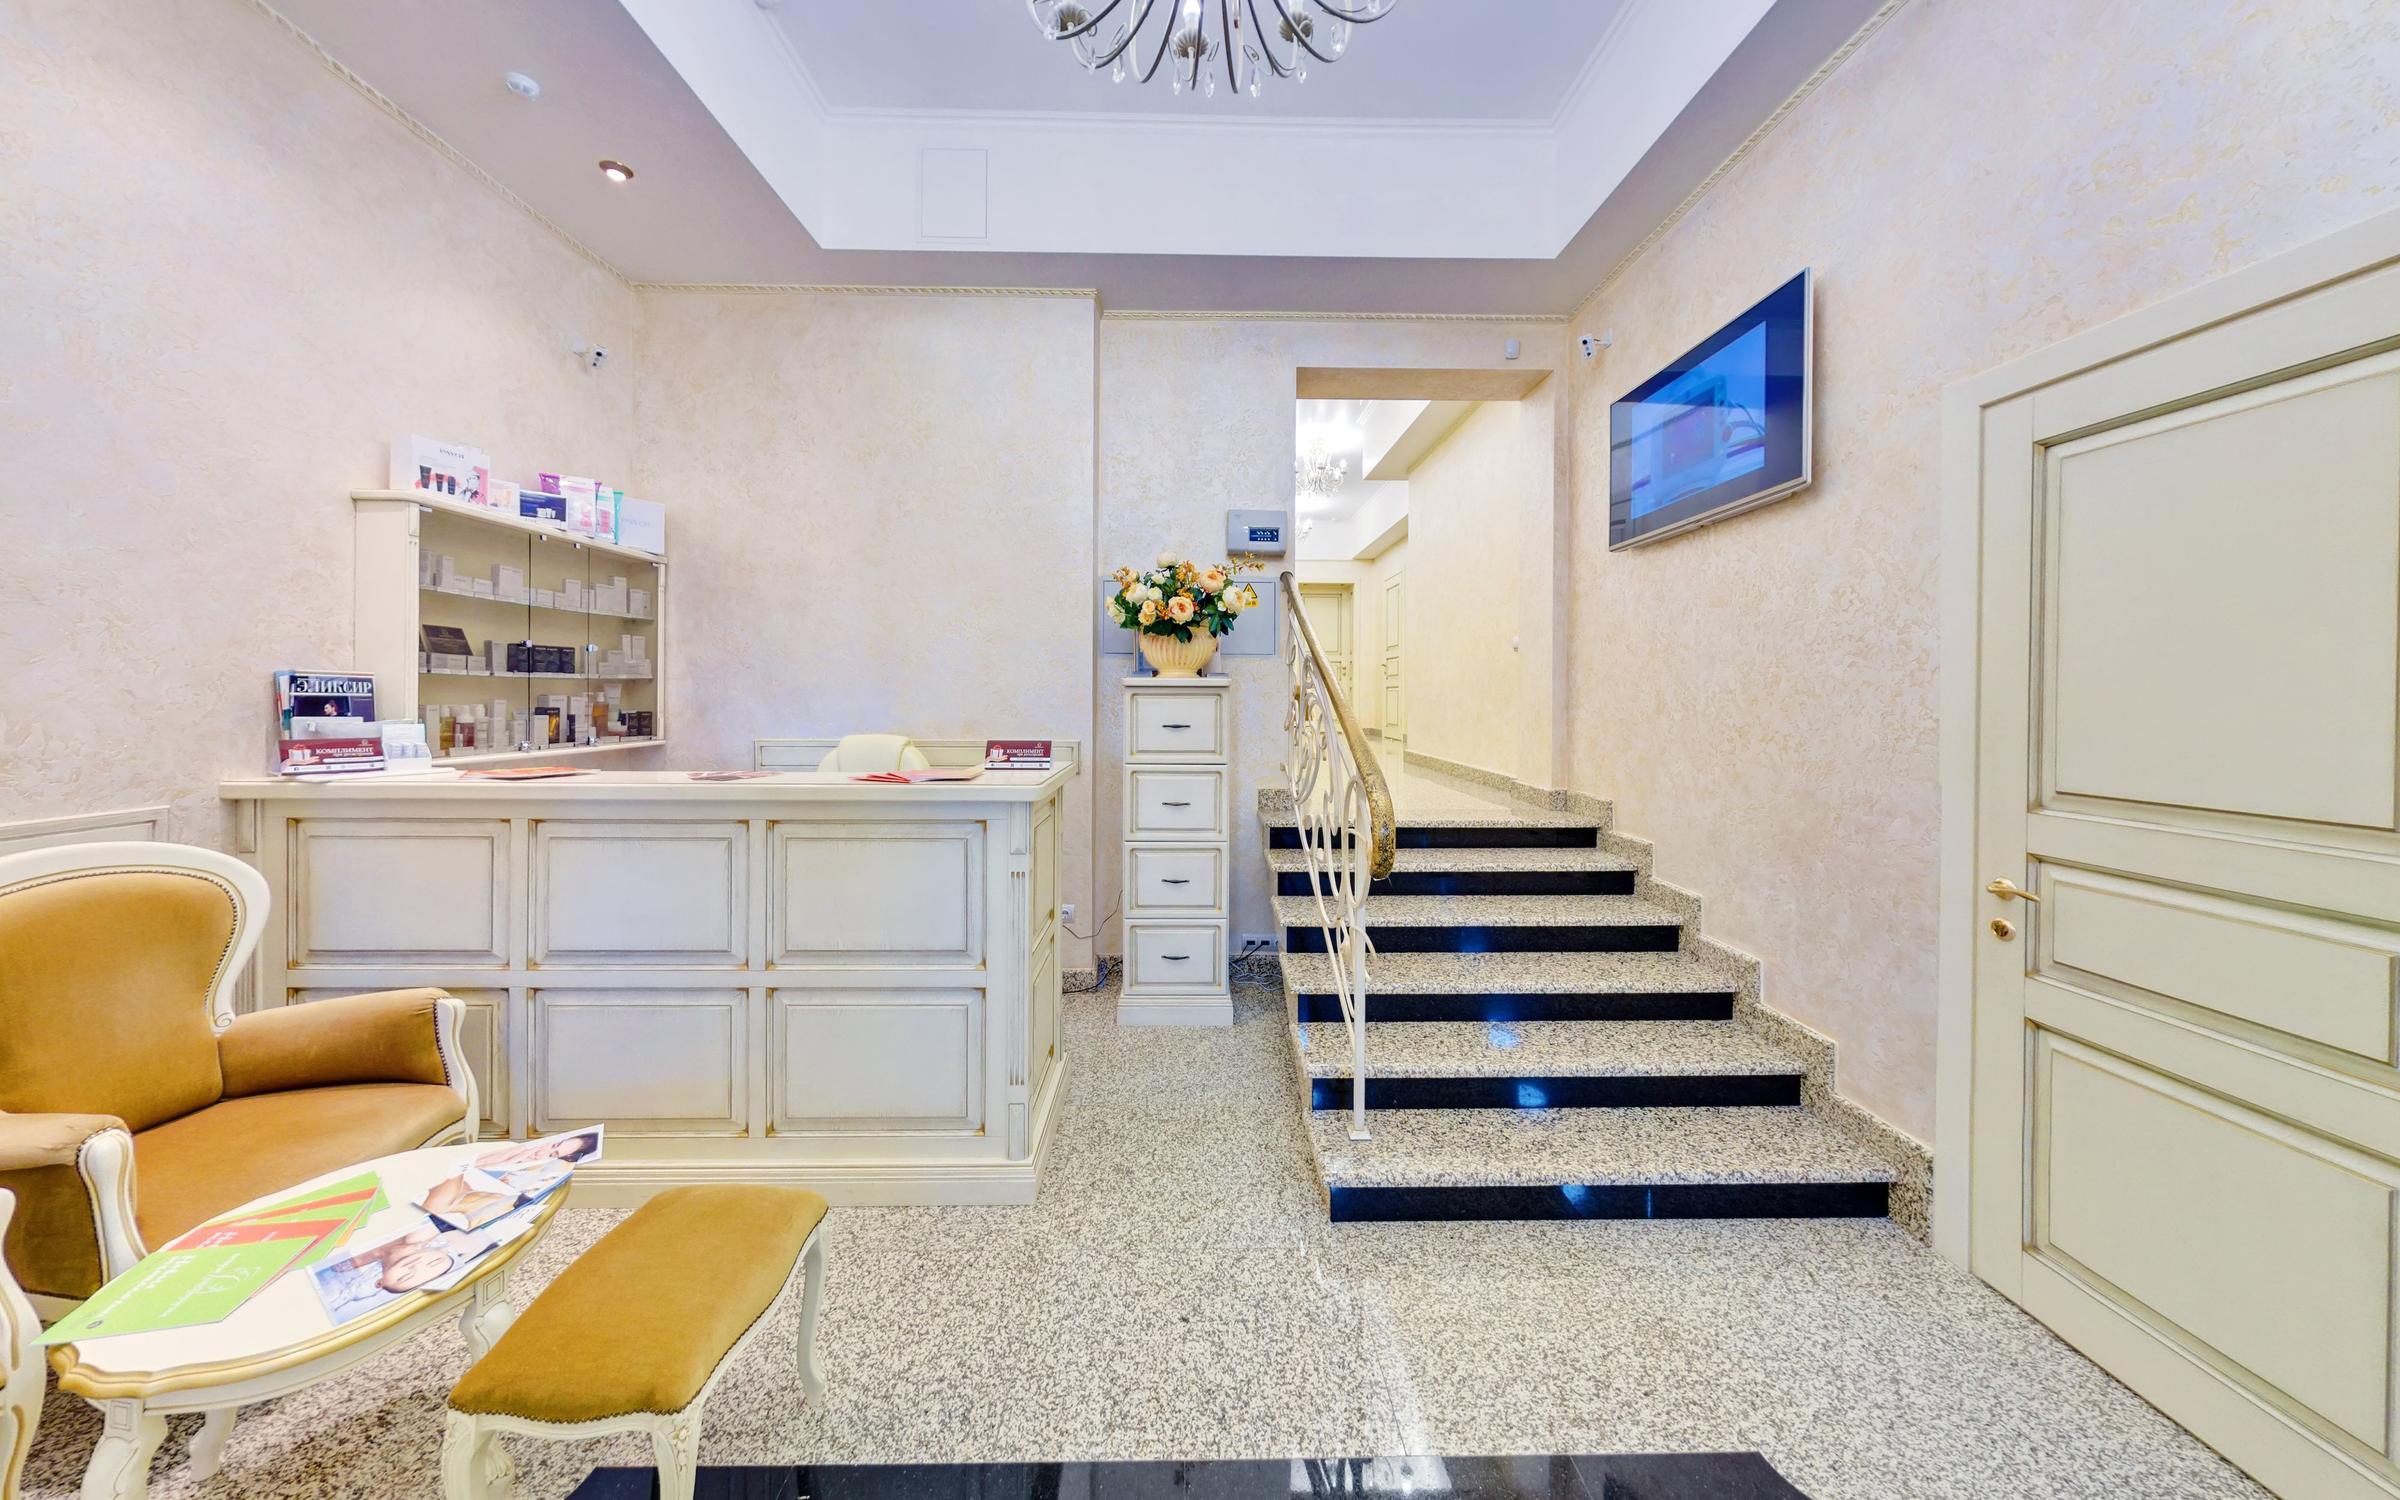 фотография Стоматологической клиники Новые Технологии на улице Некрасова